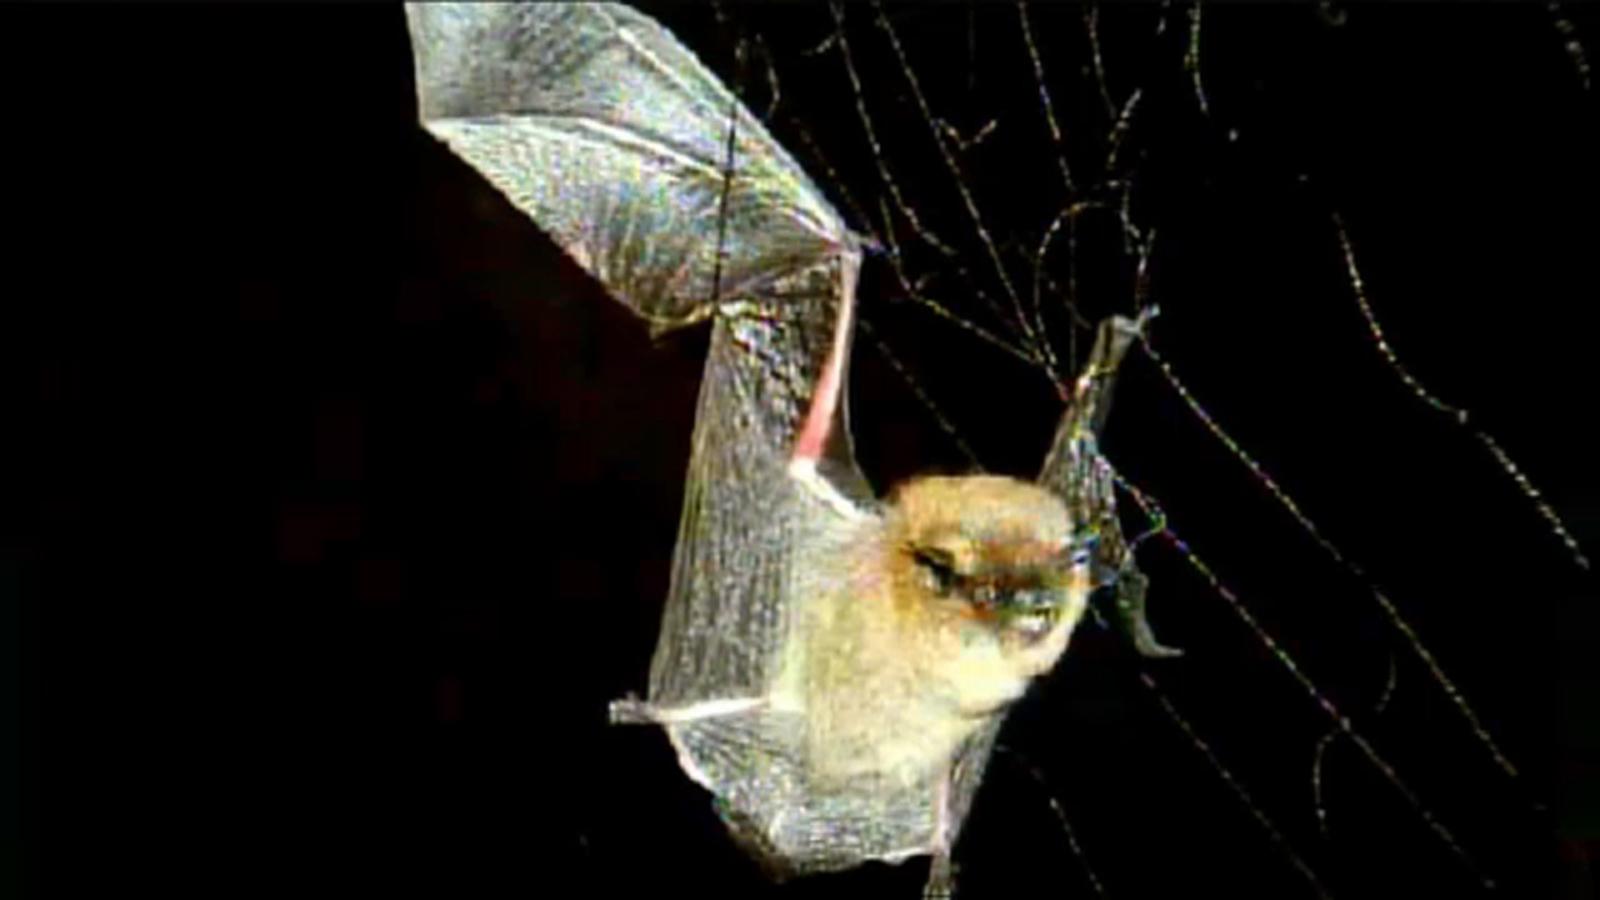 Rabid bat found in Anaheim, Orange County health officials say